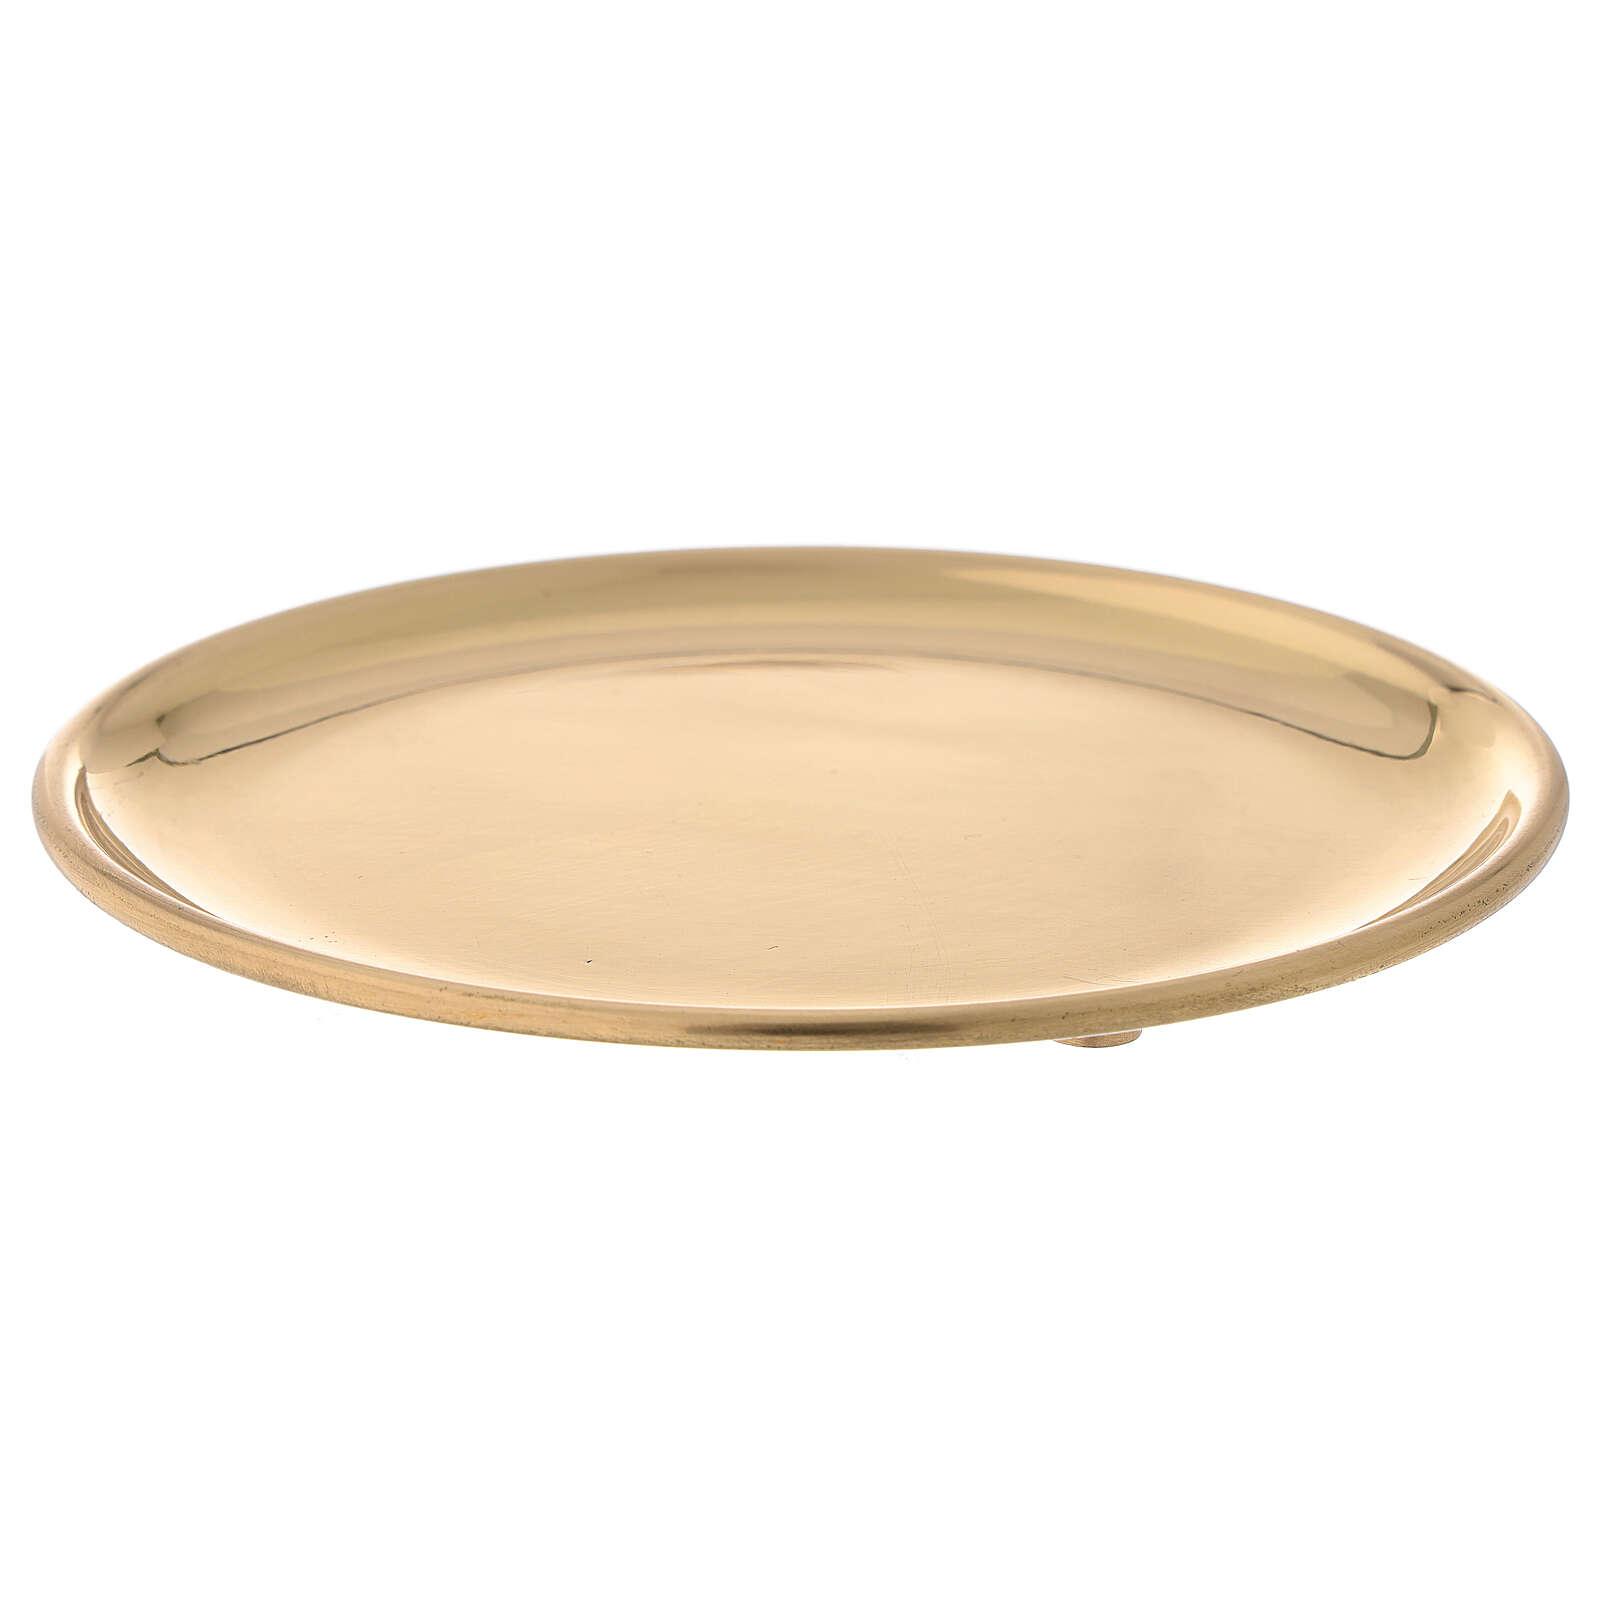 Glossy golden brass plate candles diameter 12 cm 3